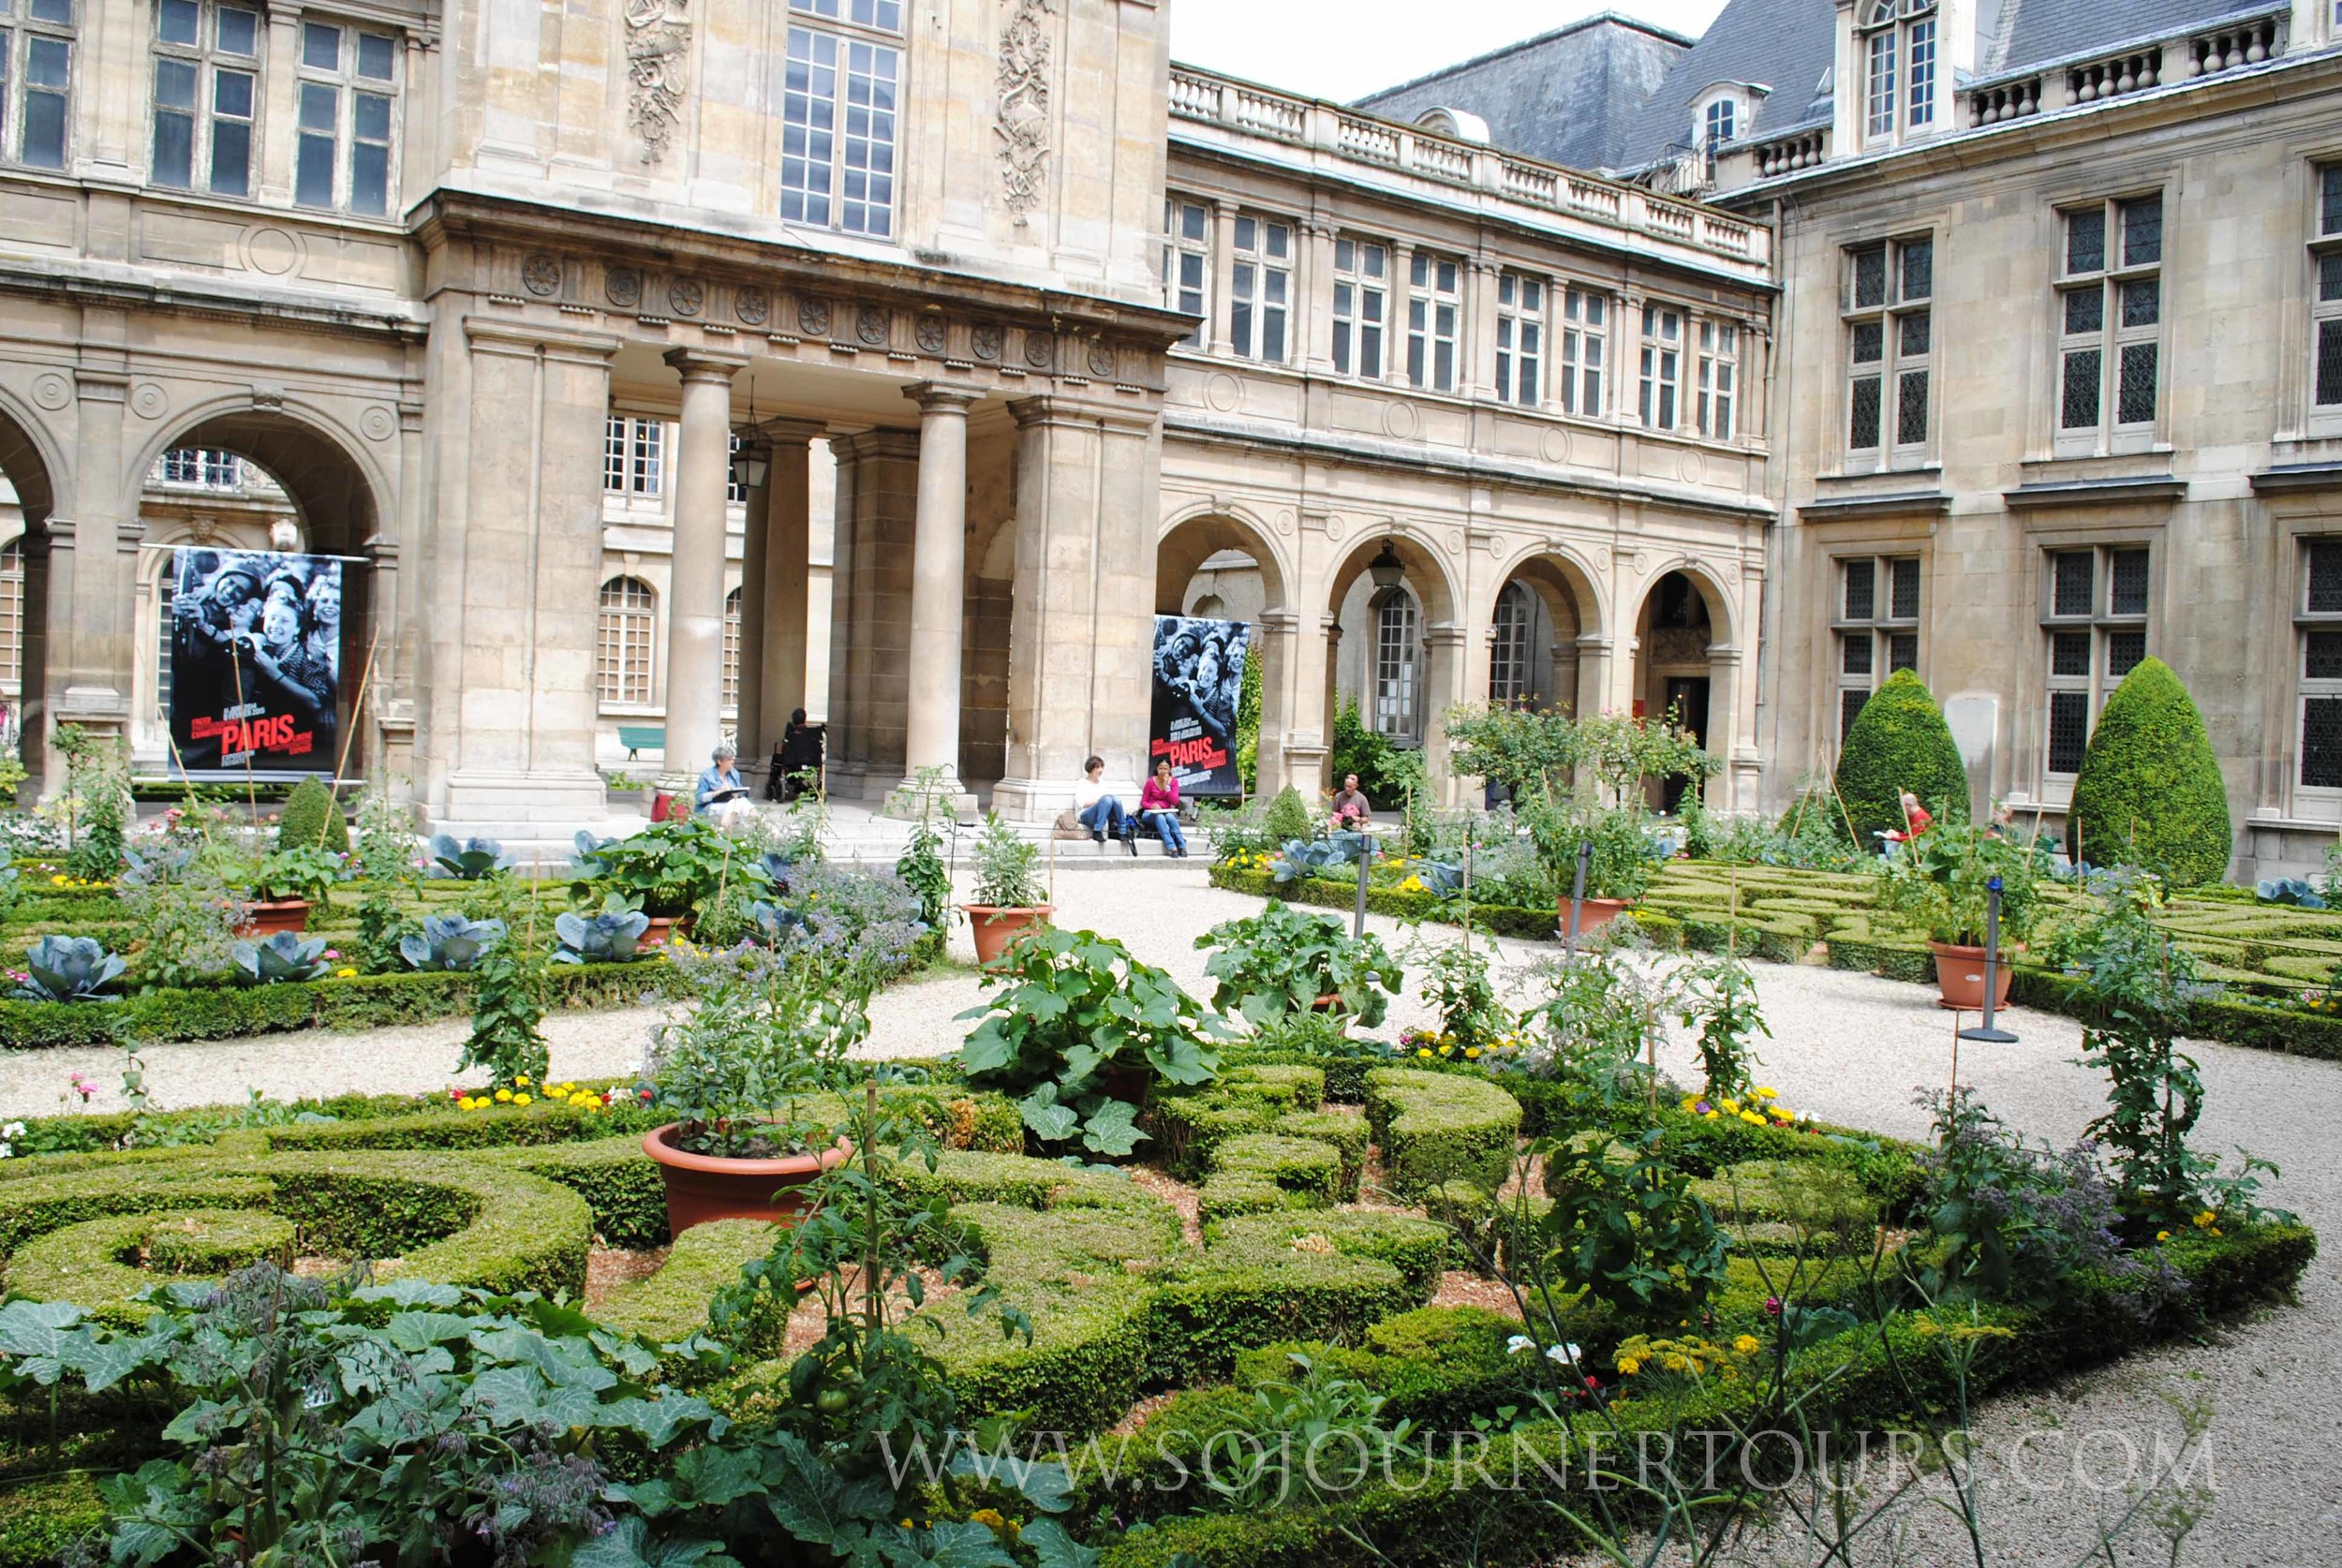 Carnavalet: Paris, France (Sojourner Tours)